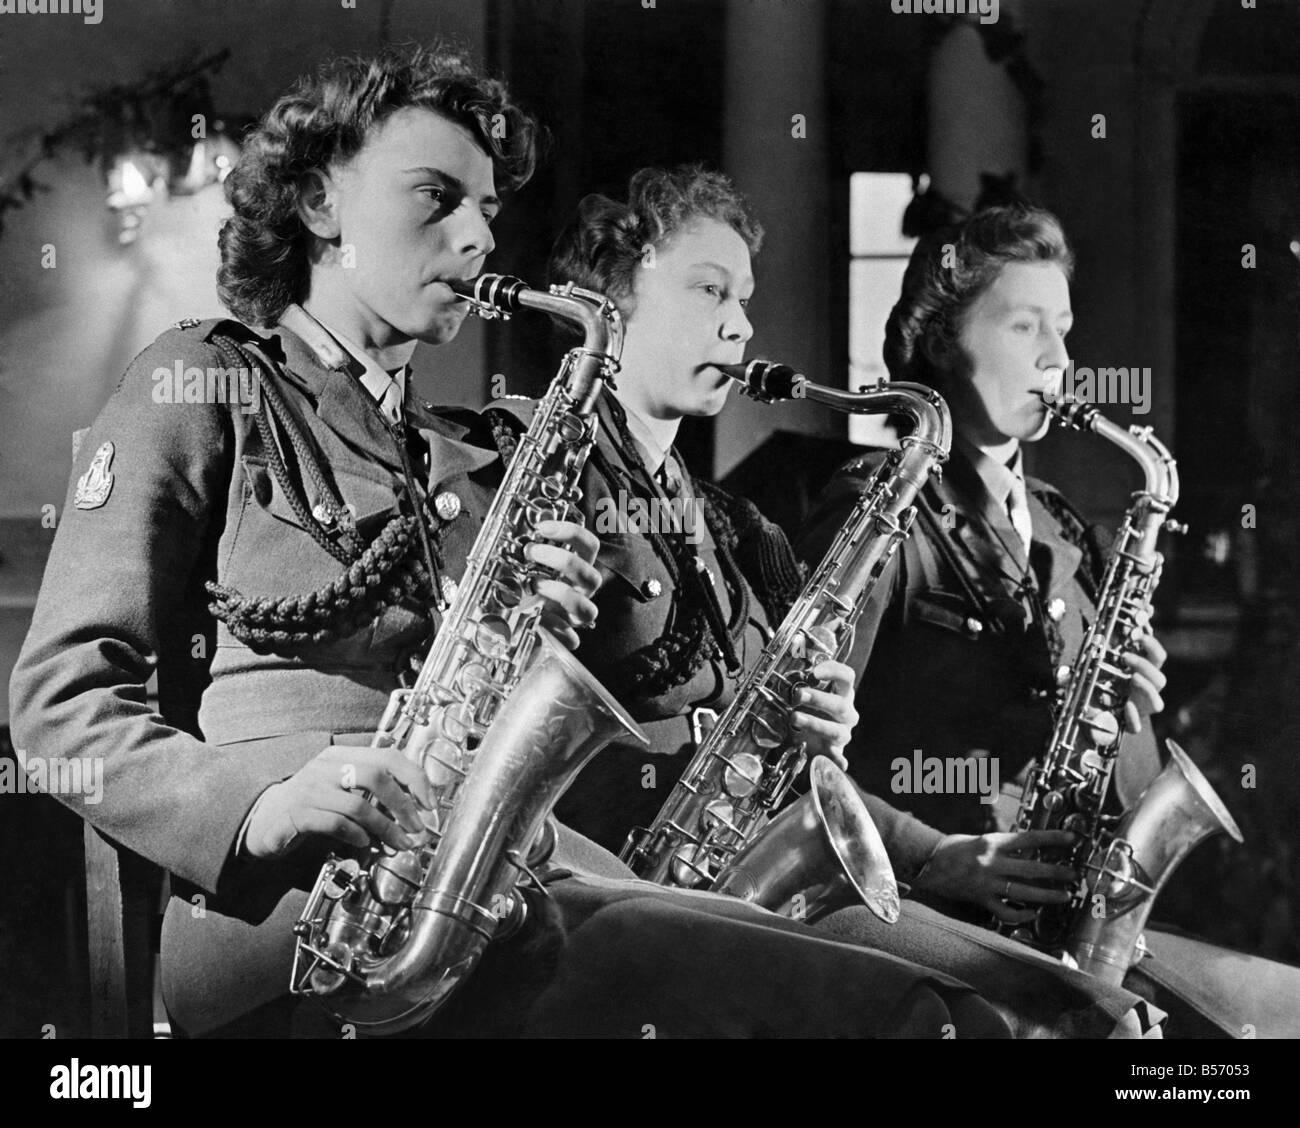 Dem zweiten Weltkrieg Frauen. Dreimal das Saxophon. Drei Saxophonisten aus dem ATS Tanz Band gesehen hier durchführen. Stockfoto